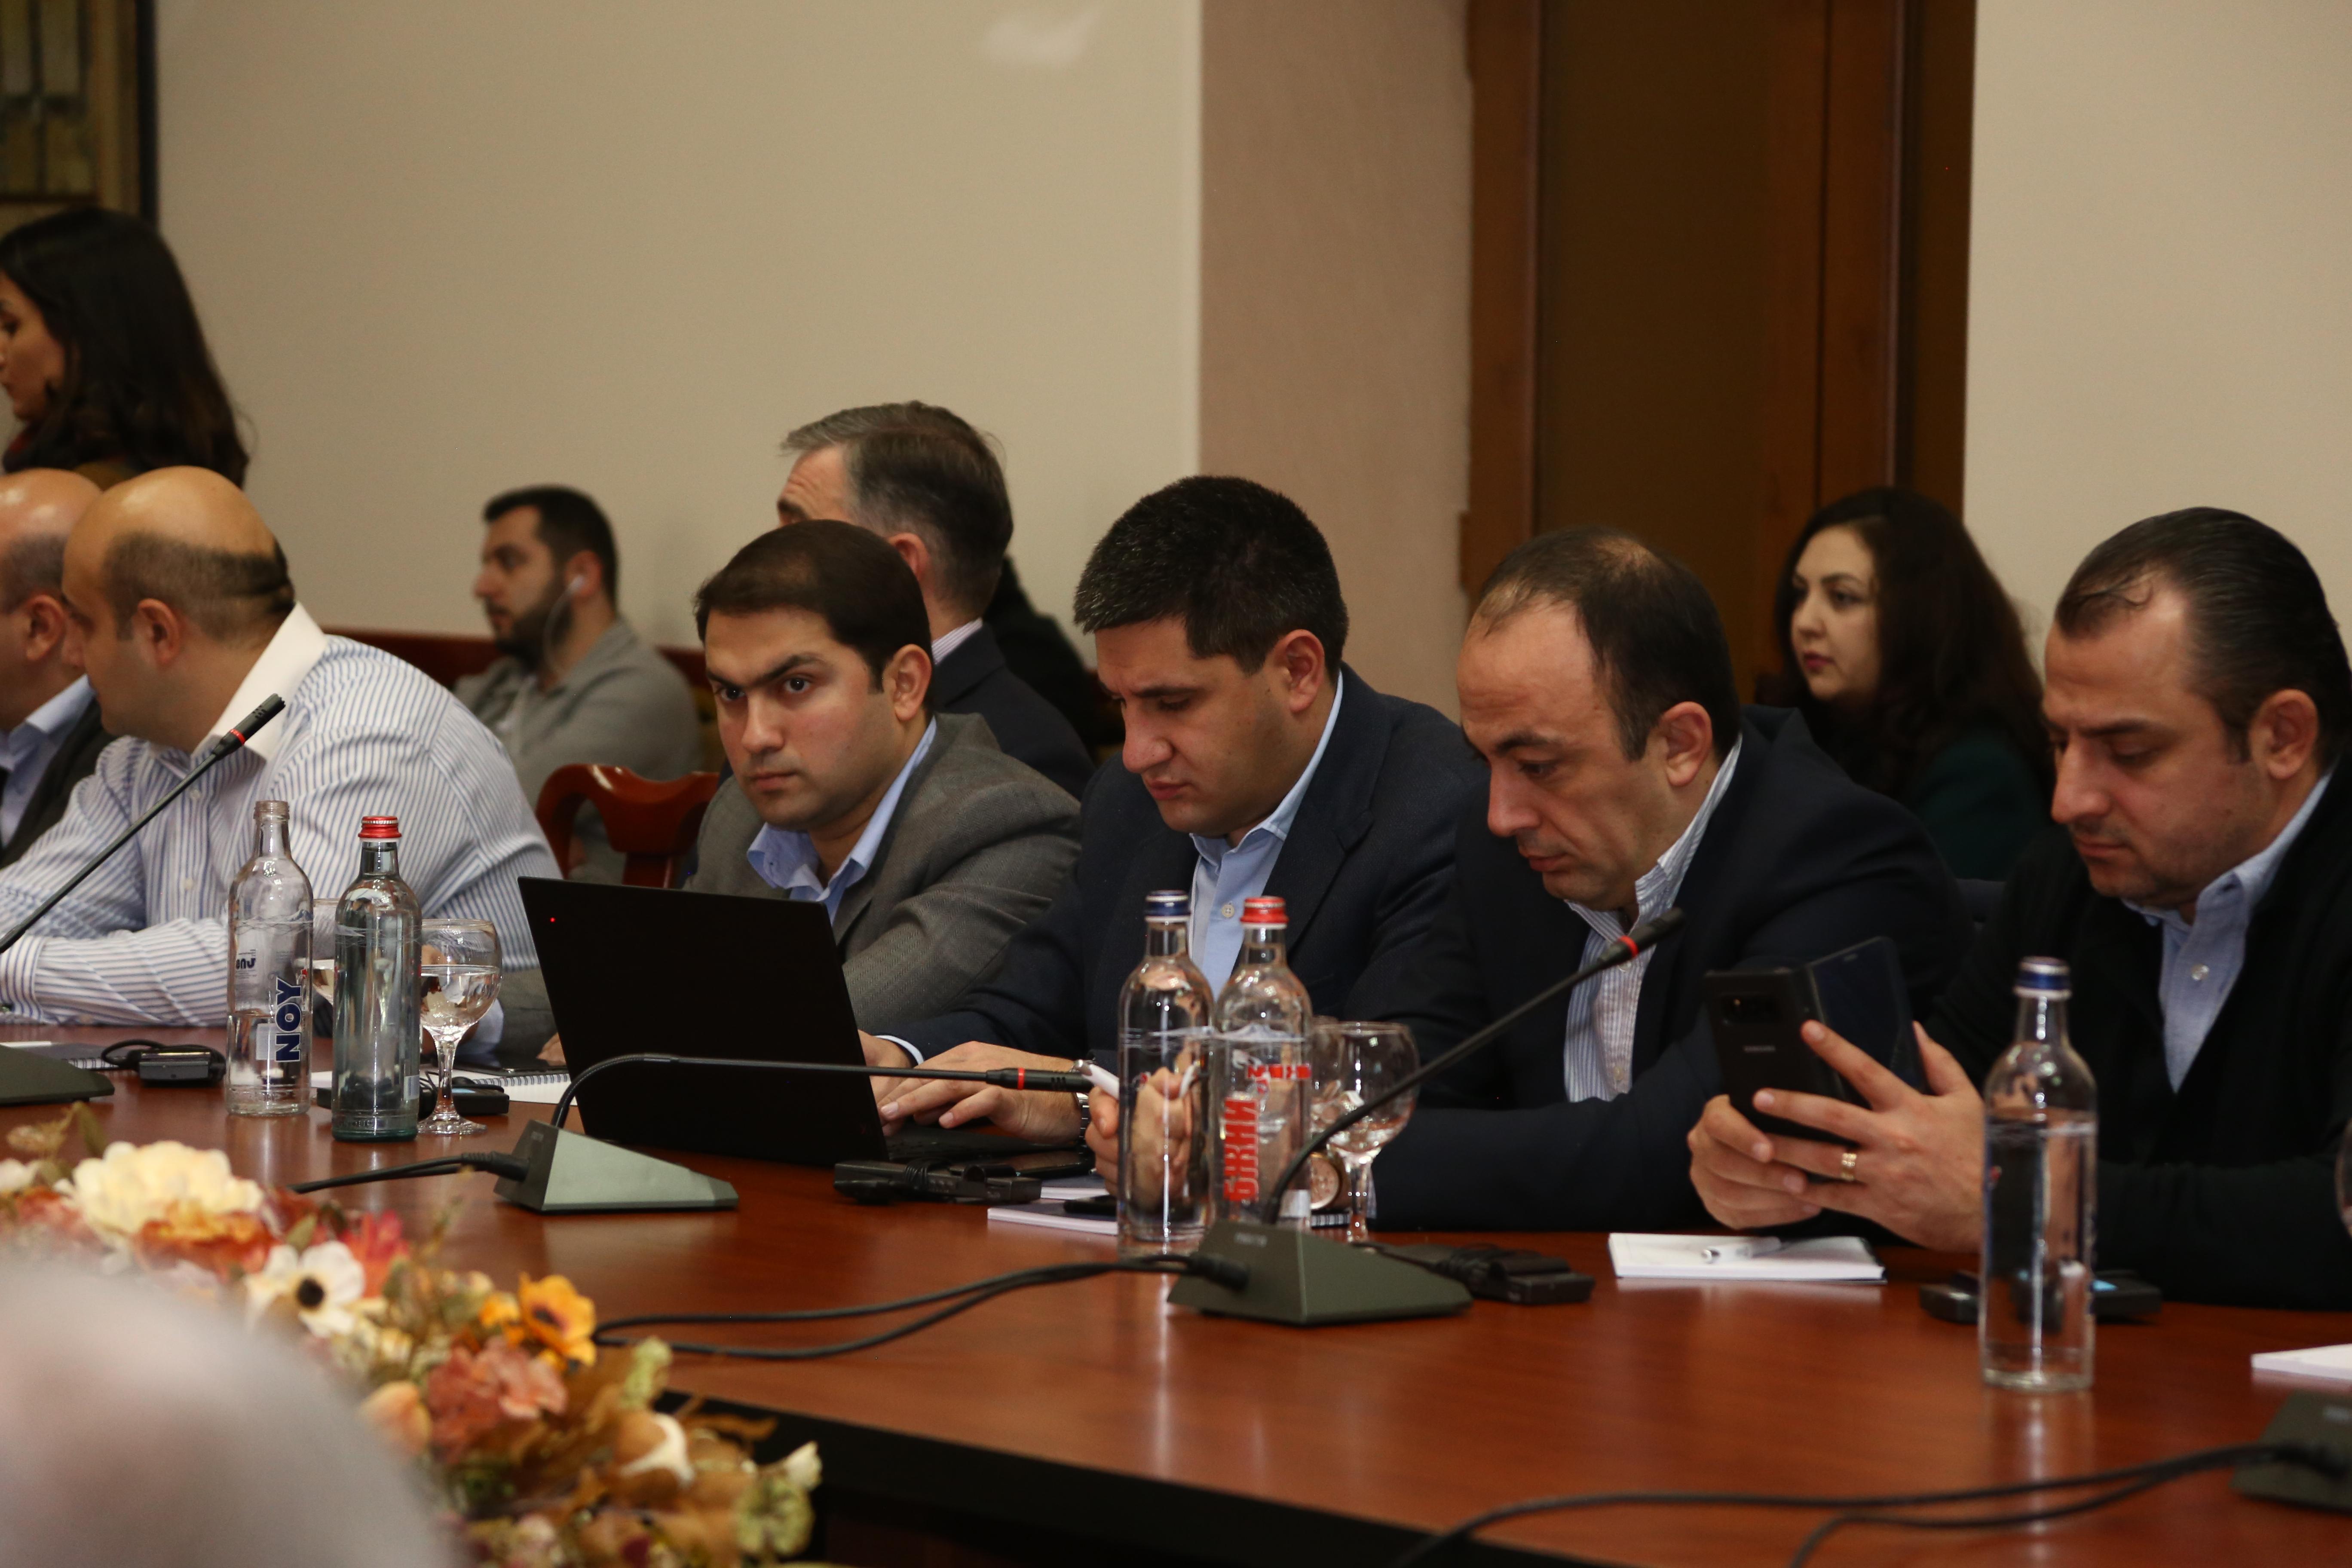 Ucom-ն ակտիվ մասնակցություն ցուցաբերեց Բիզնես ինովացիոն ֆորում 2018-ին